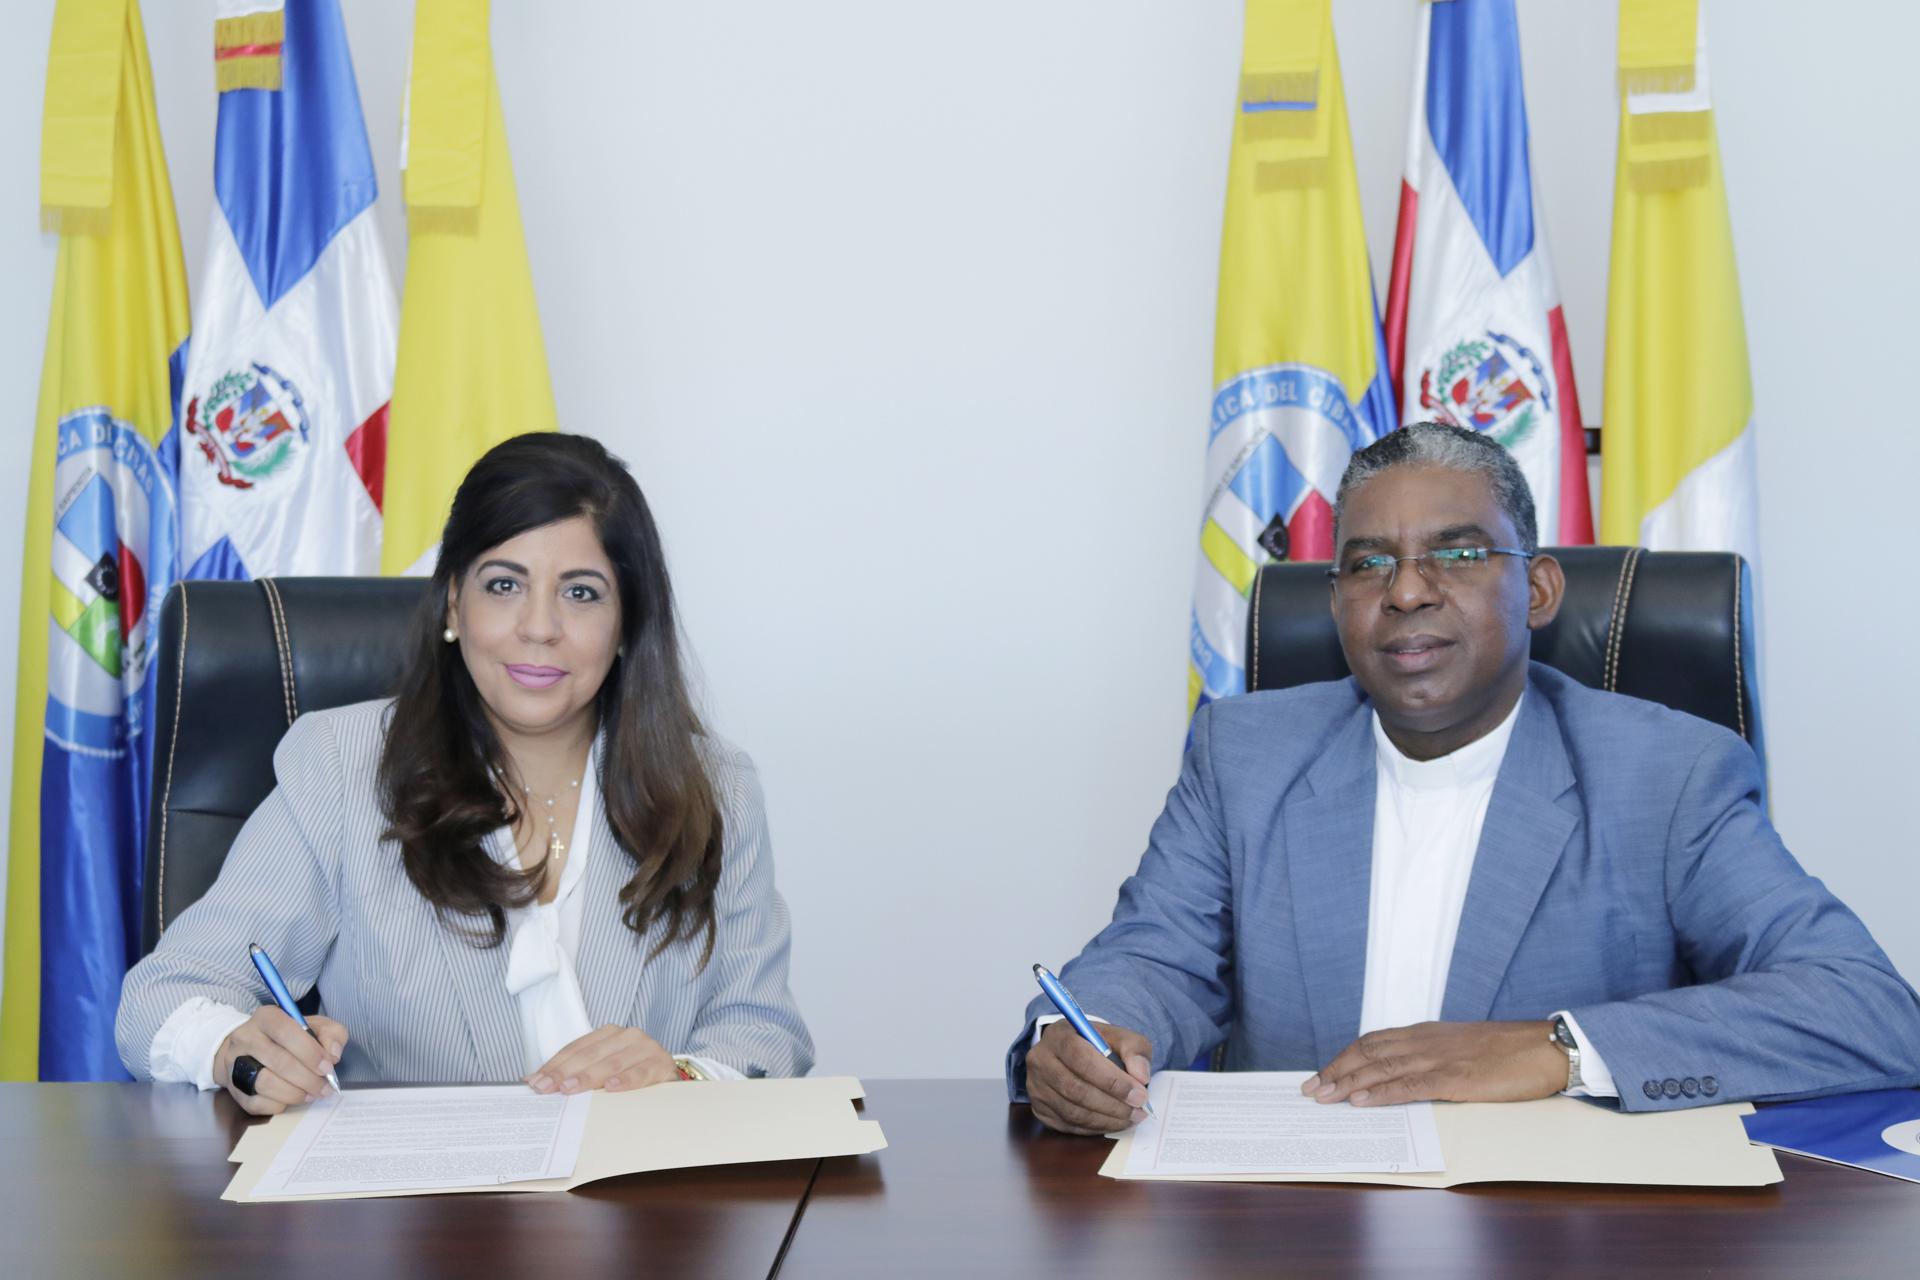 UCATECI e Induveca firman convenio para la realización de pasantías